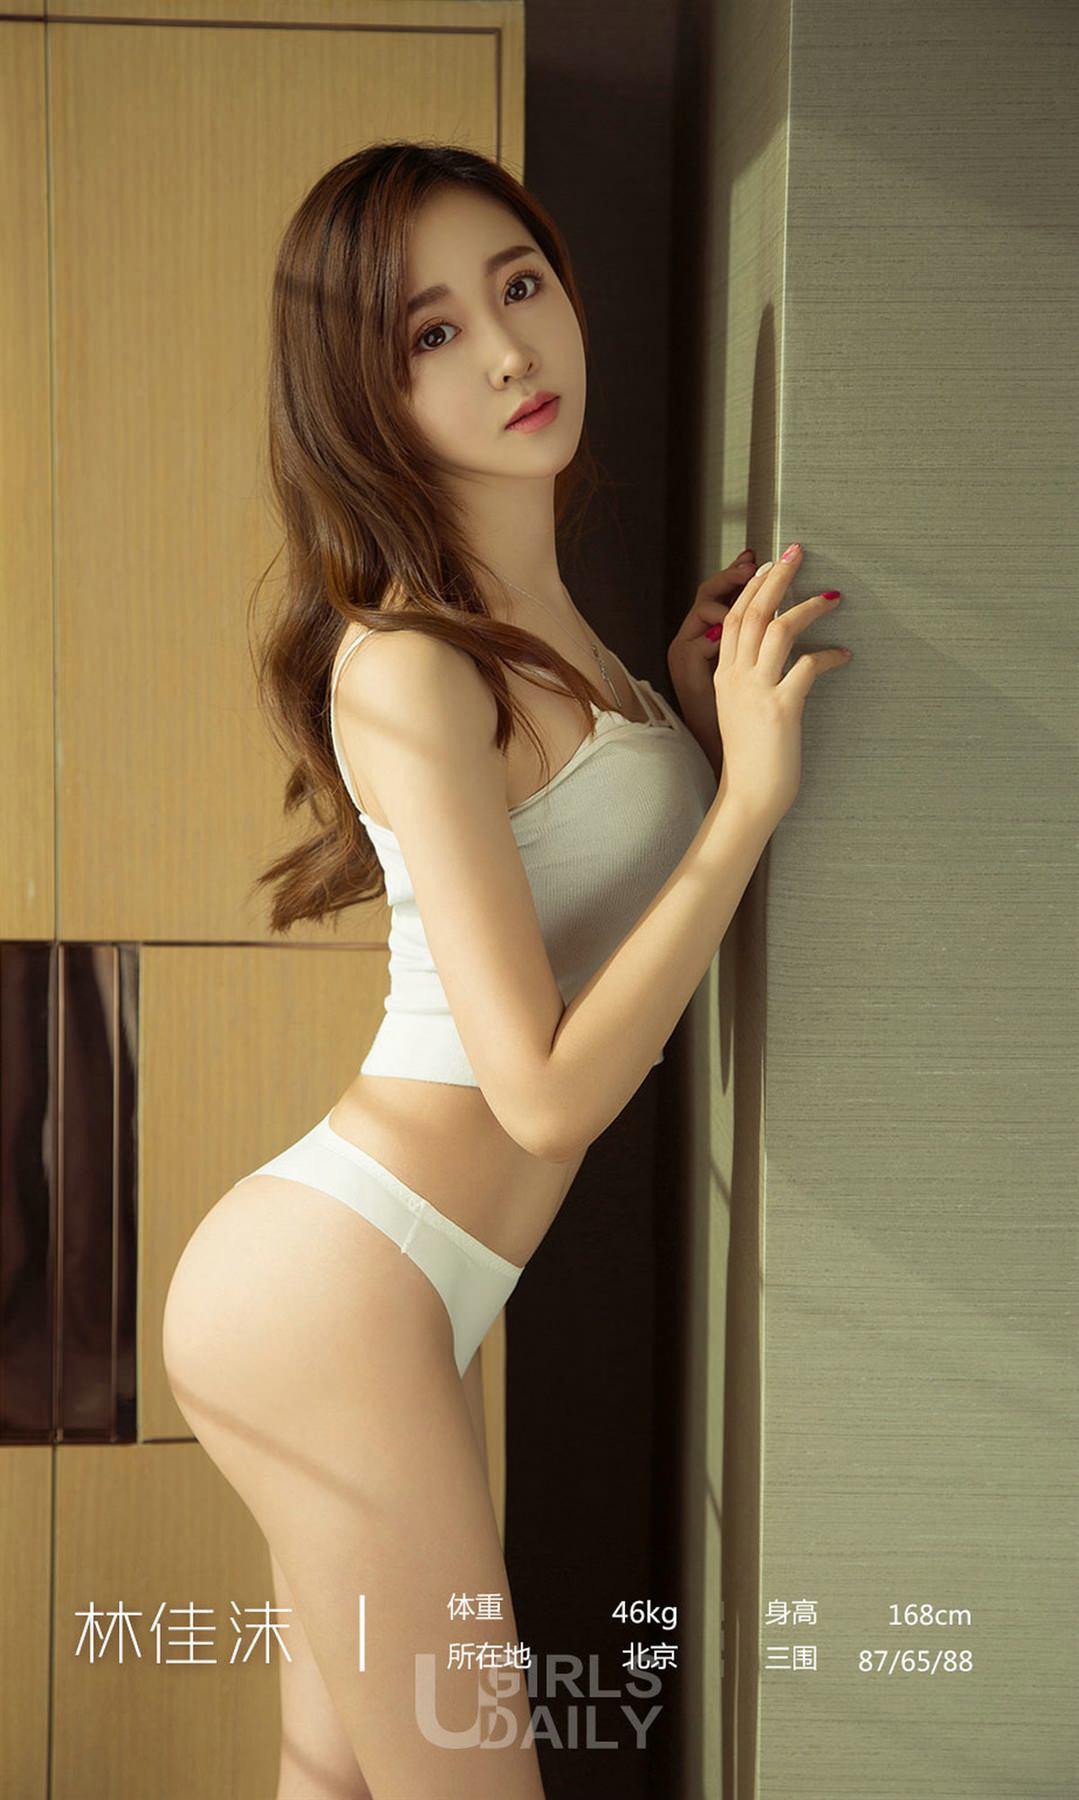 LUGirls No.1230 Lin Jia Mo